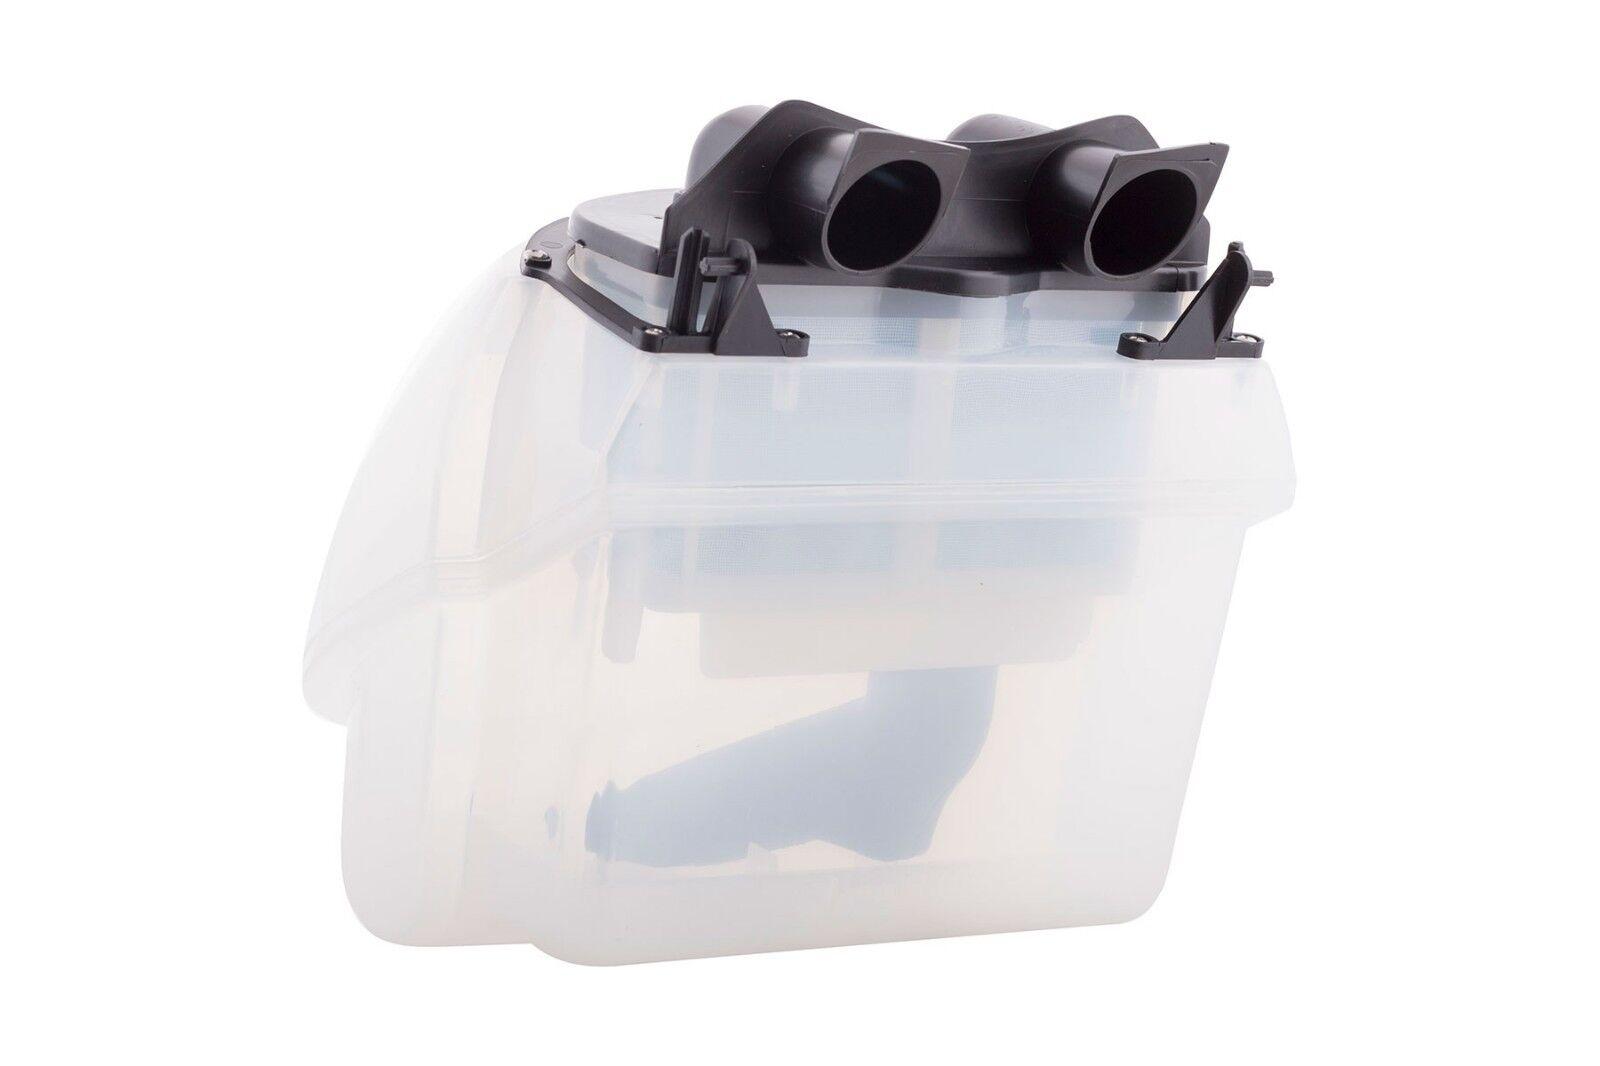 Vaporetto Polti Lecoaspira 712.Polti Container Bucket Filter Vaporetto Lecoaspira 690 701 710 712